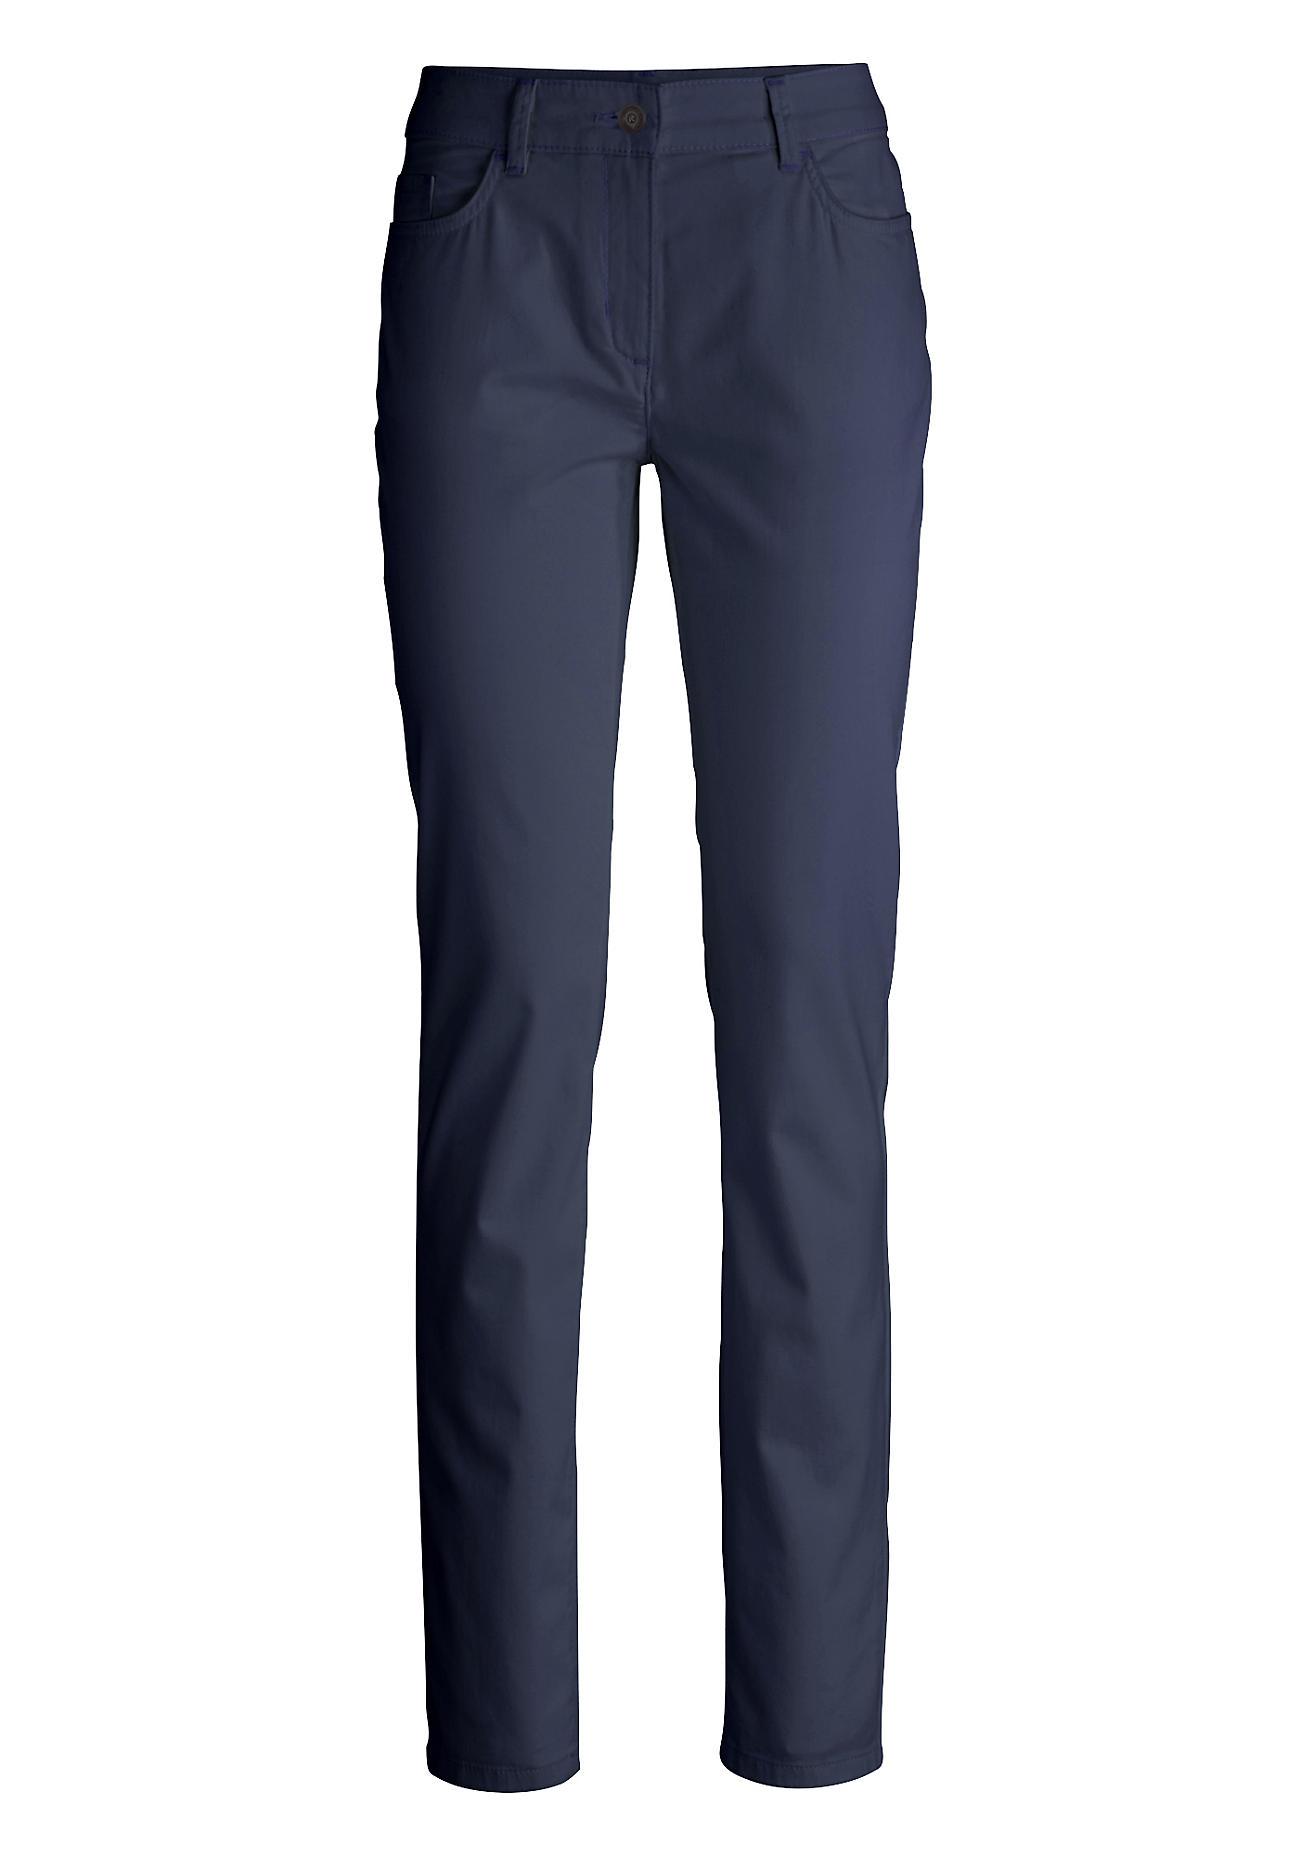 Hosen für Frauen - hessnatur Damen Hose Slim Fit aus Bio Baumwolle – blau –  - Onlineshop Hessnatur